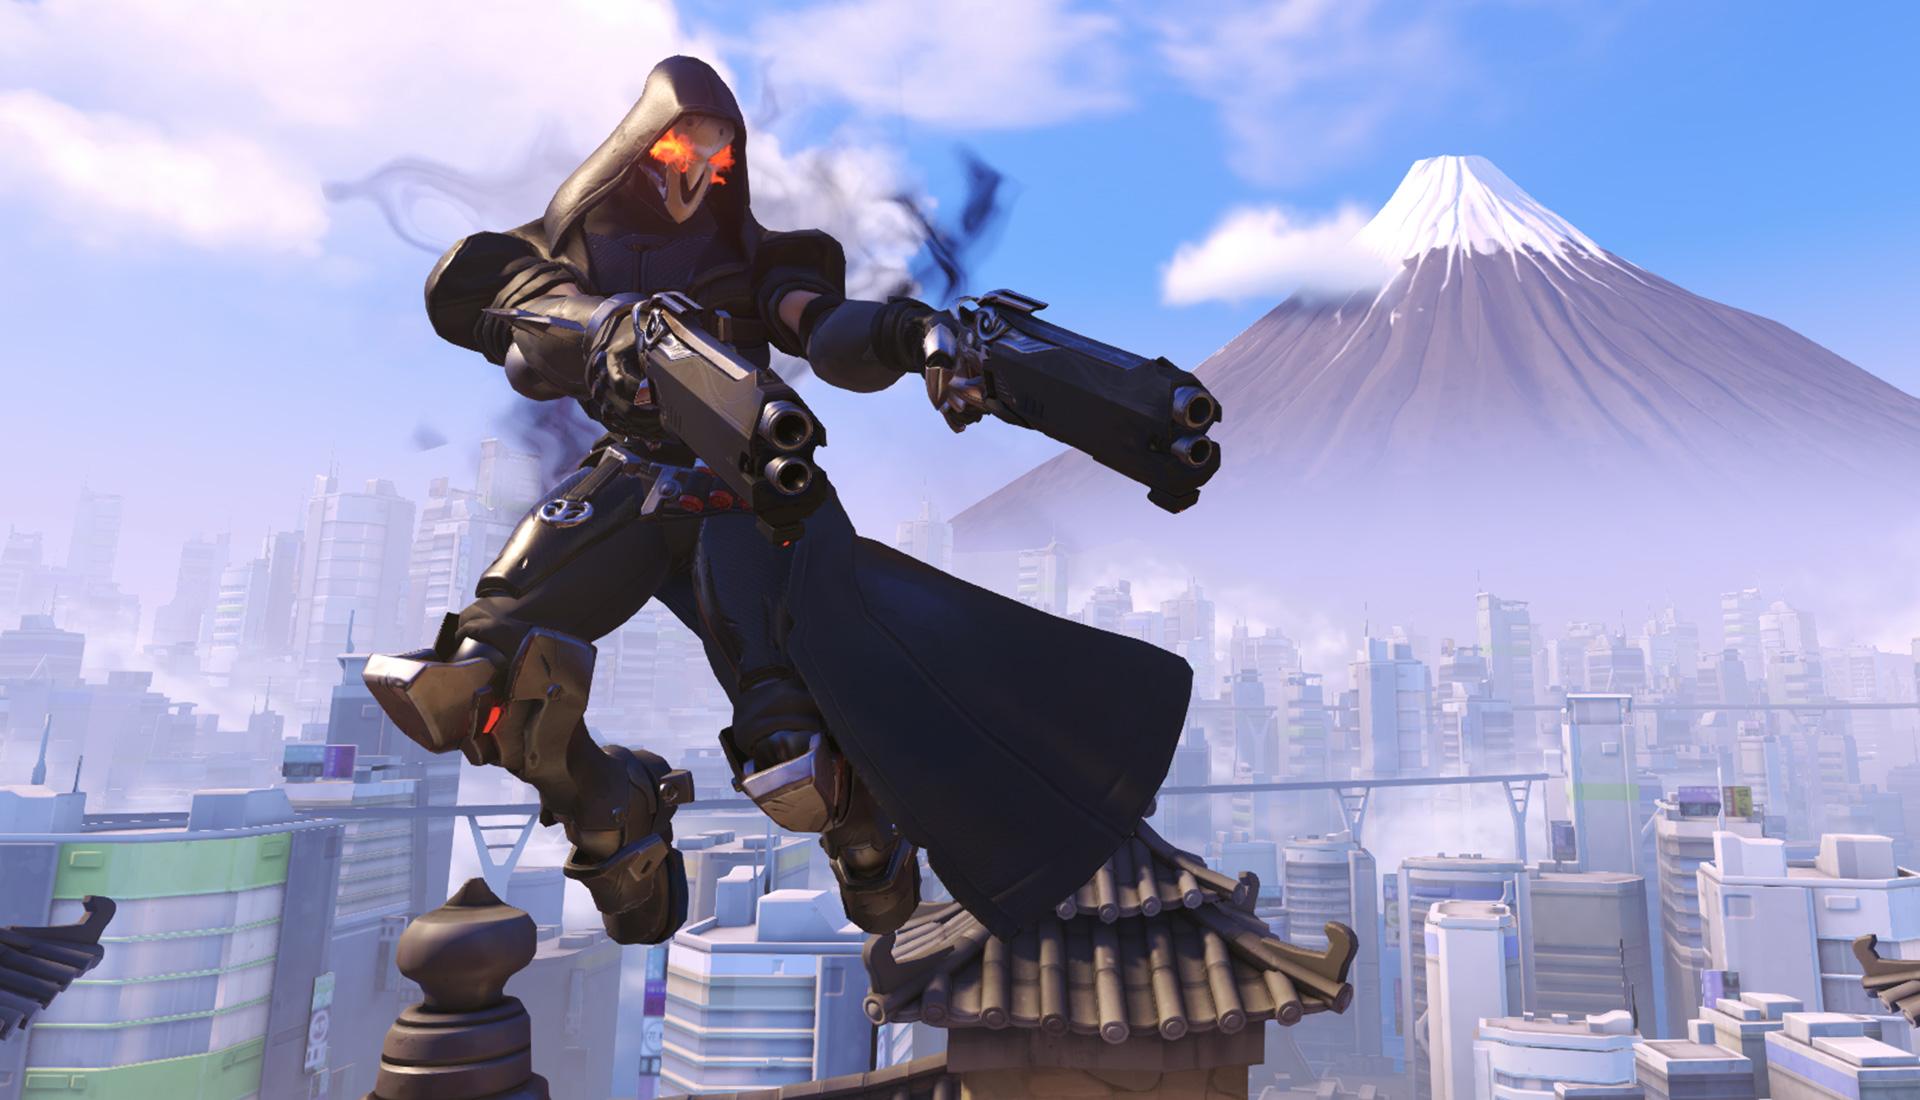 Overwatch Reaper, overwatch